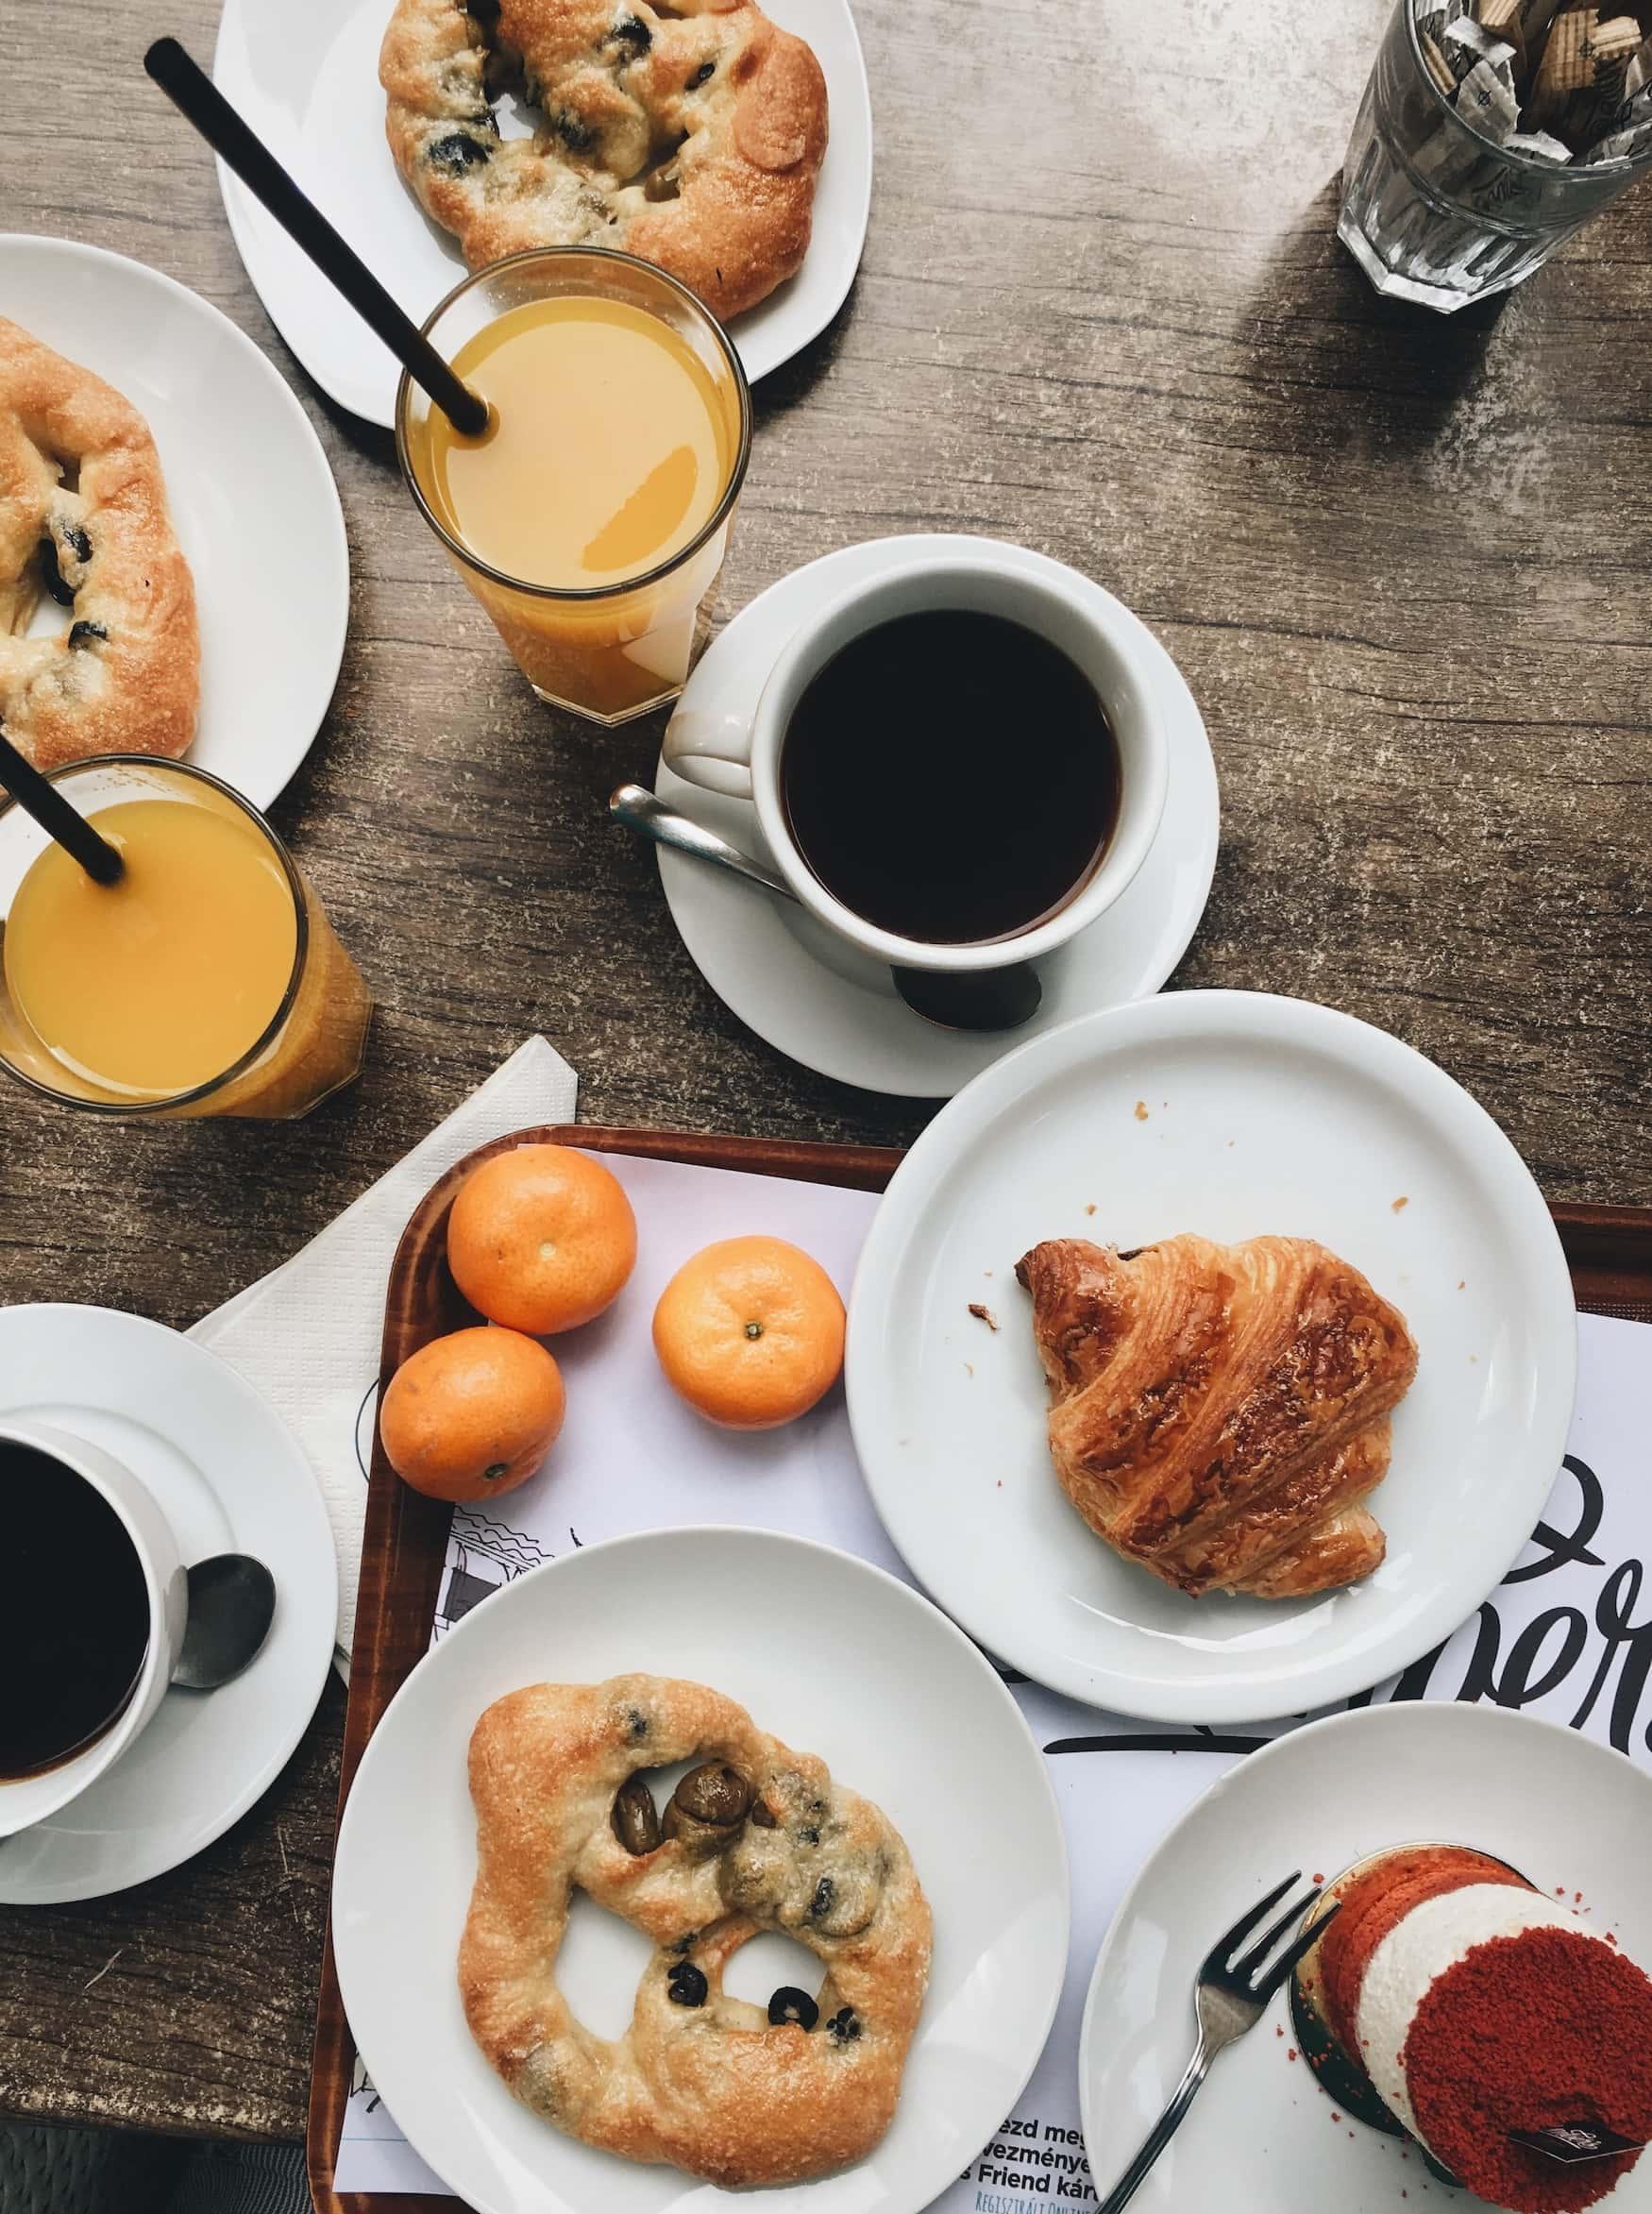 Frühstück mit Kaffee, Orangensaft und süßem Gebäck